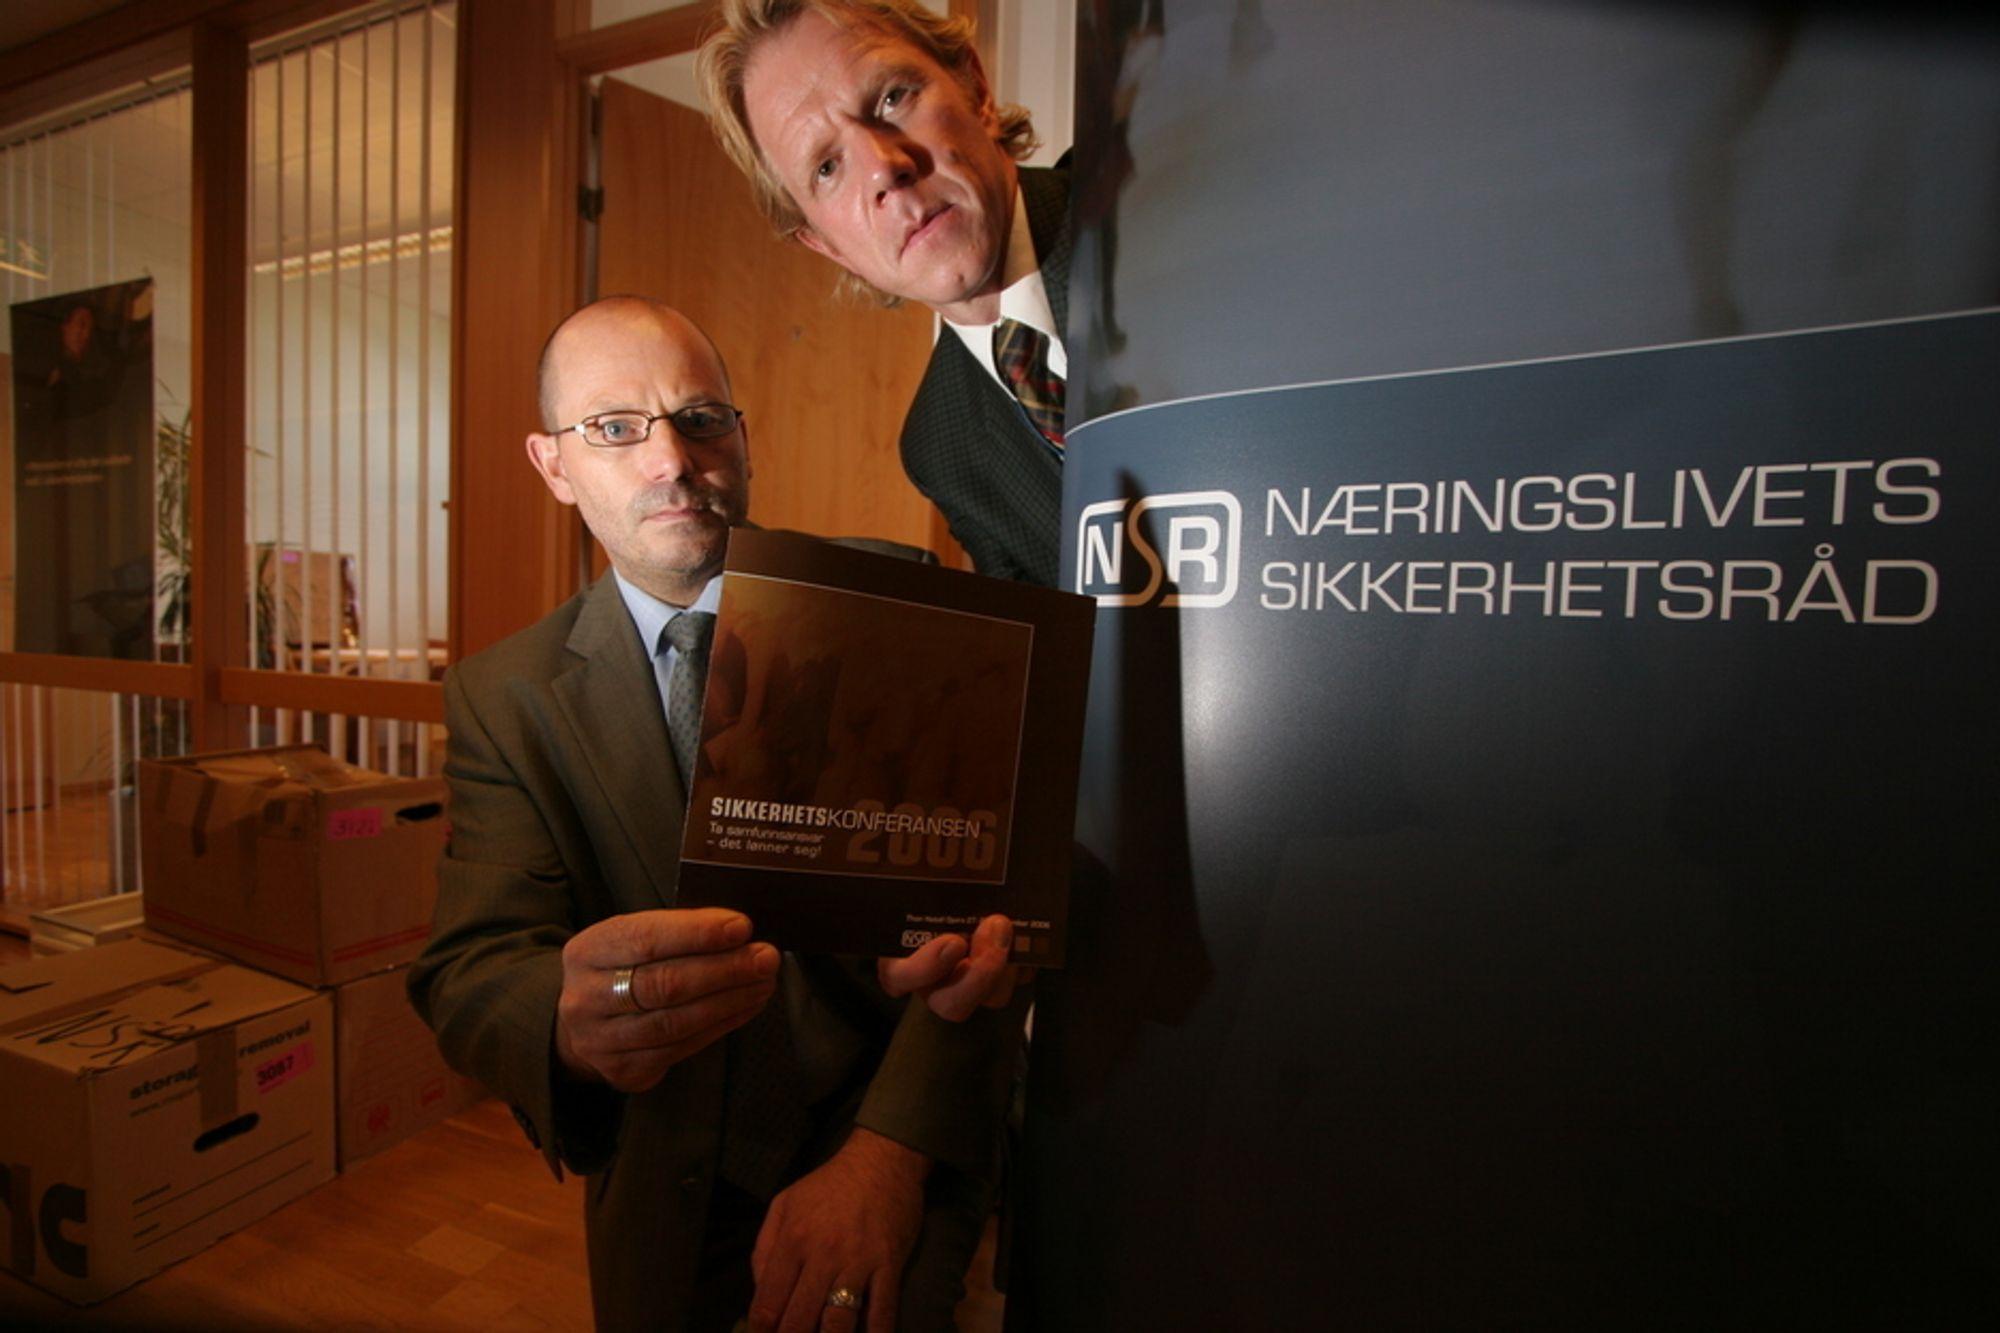 AVDEKKER UKJENT KRIMINALITET: Arne Rød Simonsen og Kim Ellertsen i Næringslivets Sikkerhetsråd vil på Sikkerhetskonferansen 28. september presentere Mørketalsundersøkelsen for datakriminalitet og IT-sikkerhet.